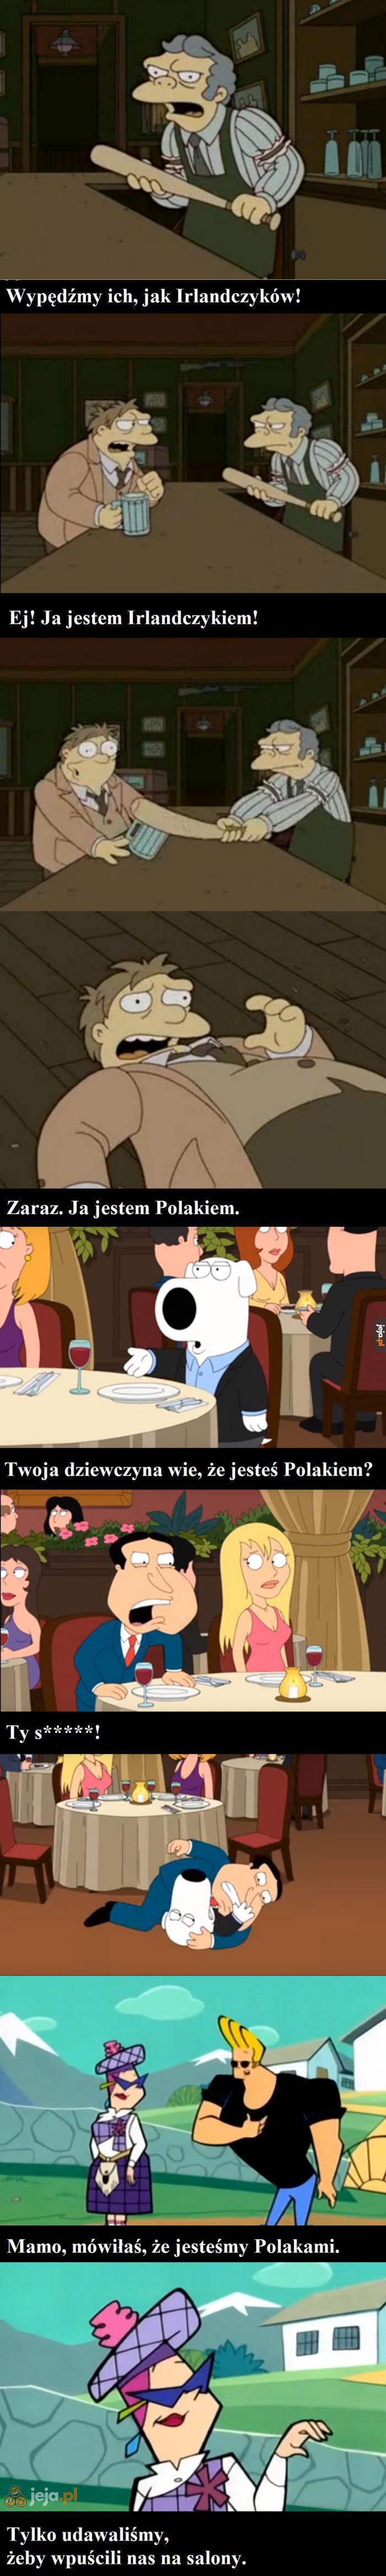 Polacy w kreskówkach